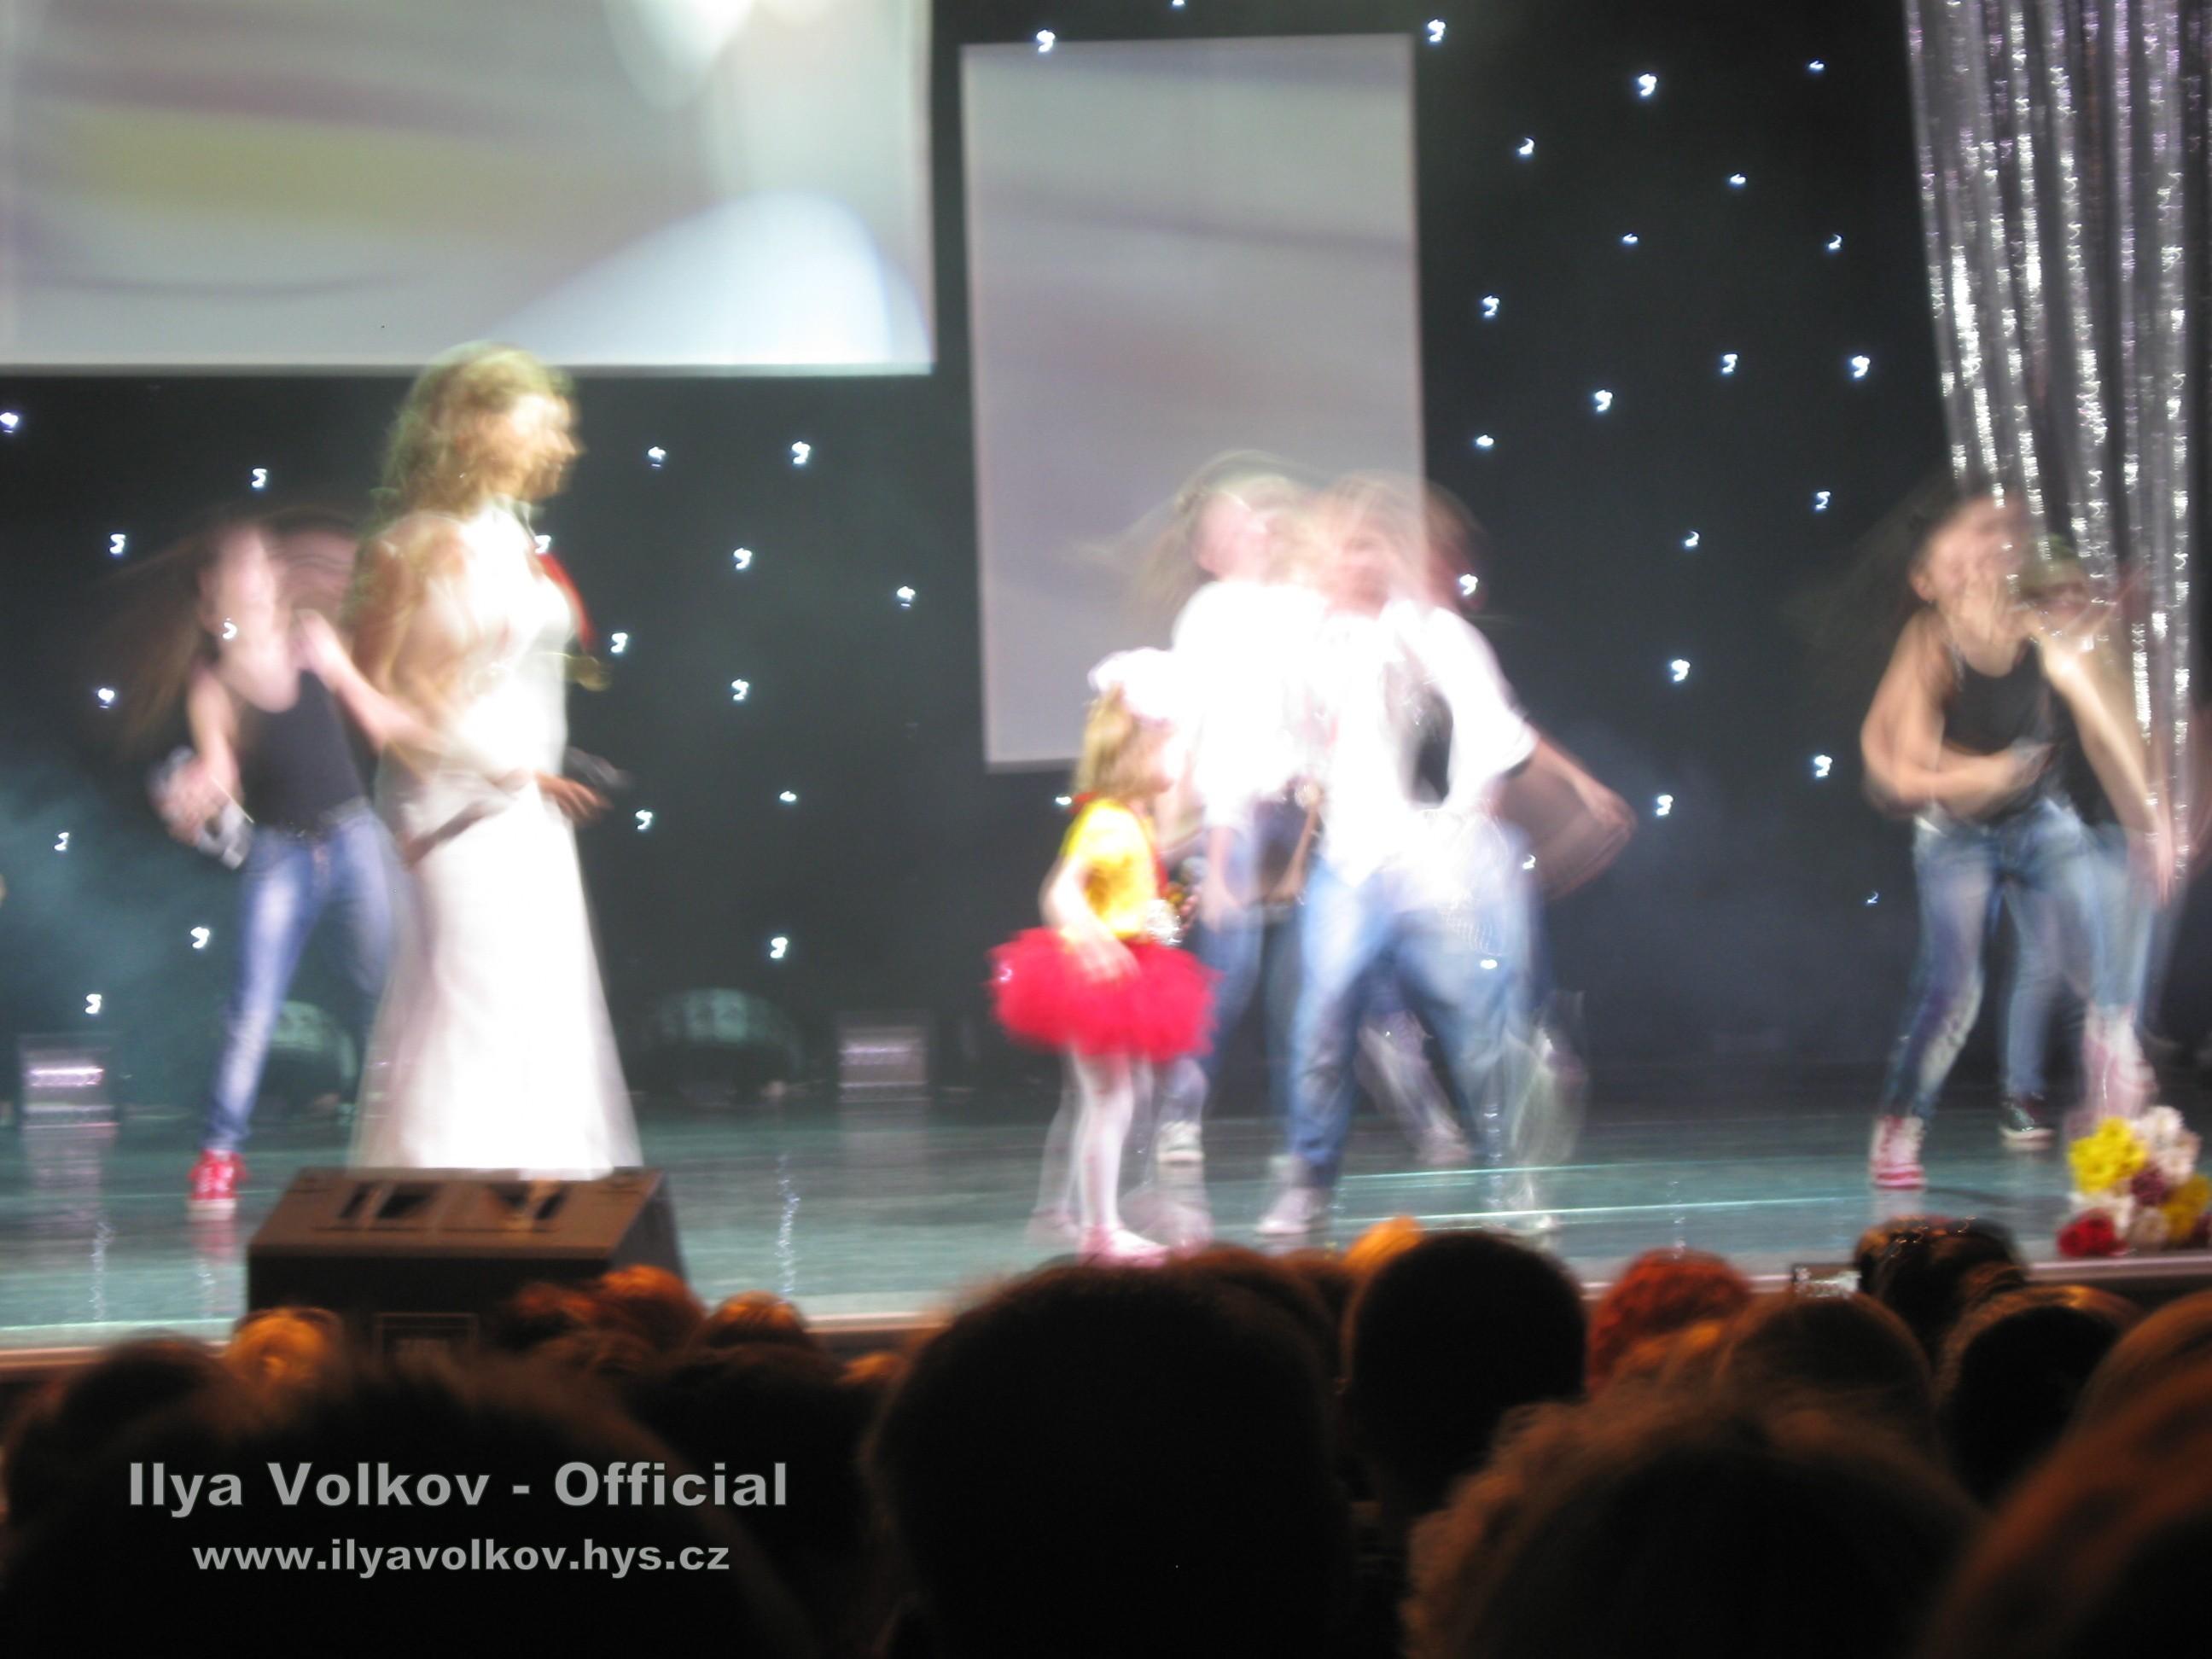 Ilya Volkov - Concert with JANET 2014  (18)